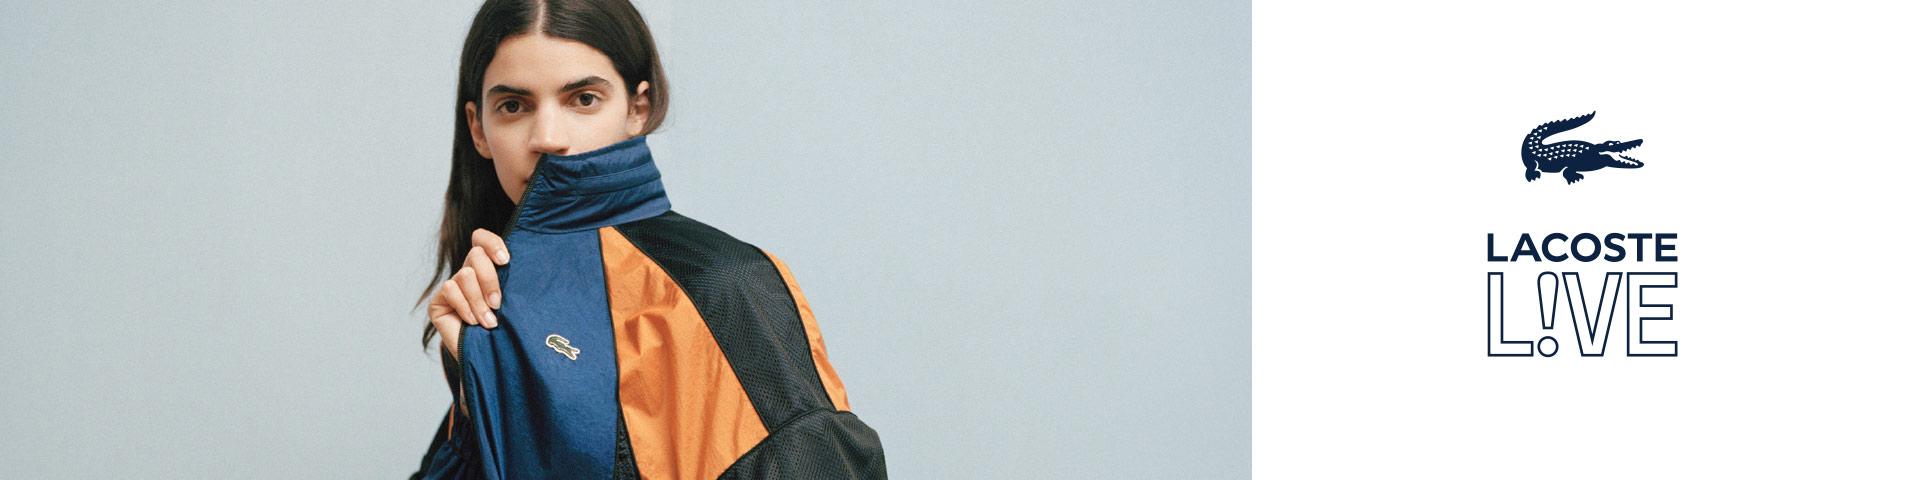 7335bc4a6a Pulls & gilets femme Lacoste LIVE en ligne sur la boutique Zalando